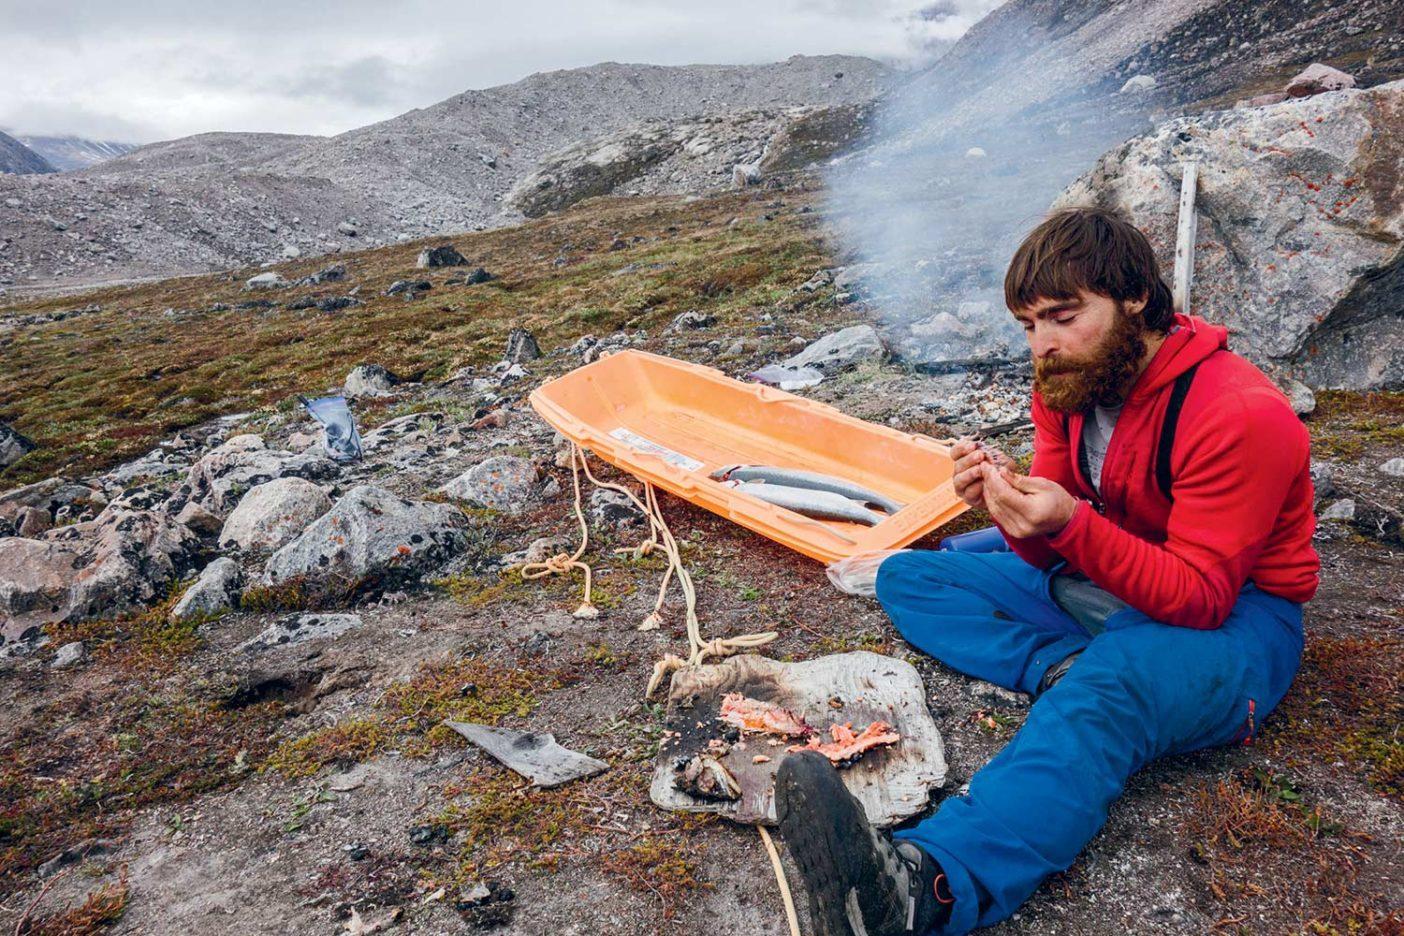 バフィン島で朝食を取るショーン・ヴィラヌエバ・オドリスコール。 Photo: Nicolas Favresse